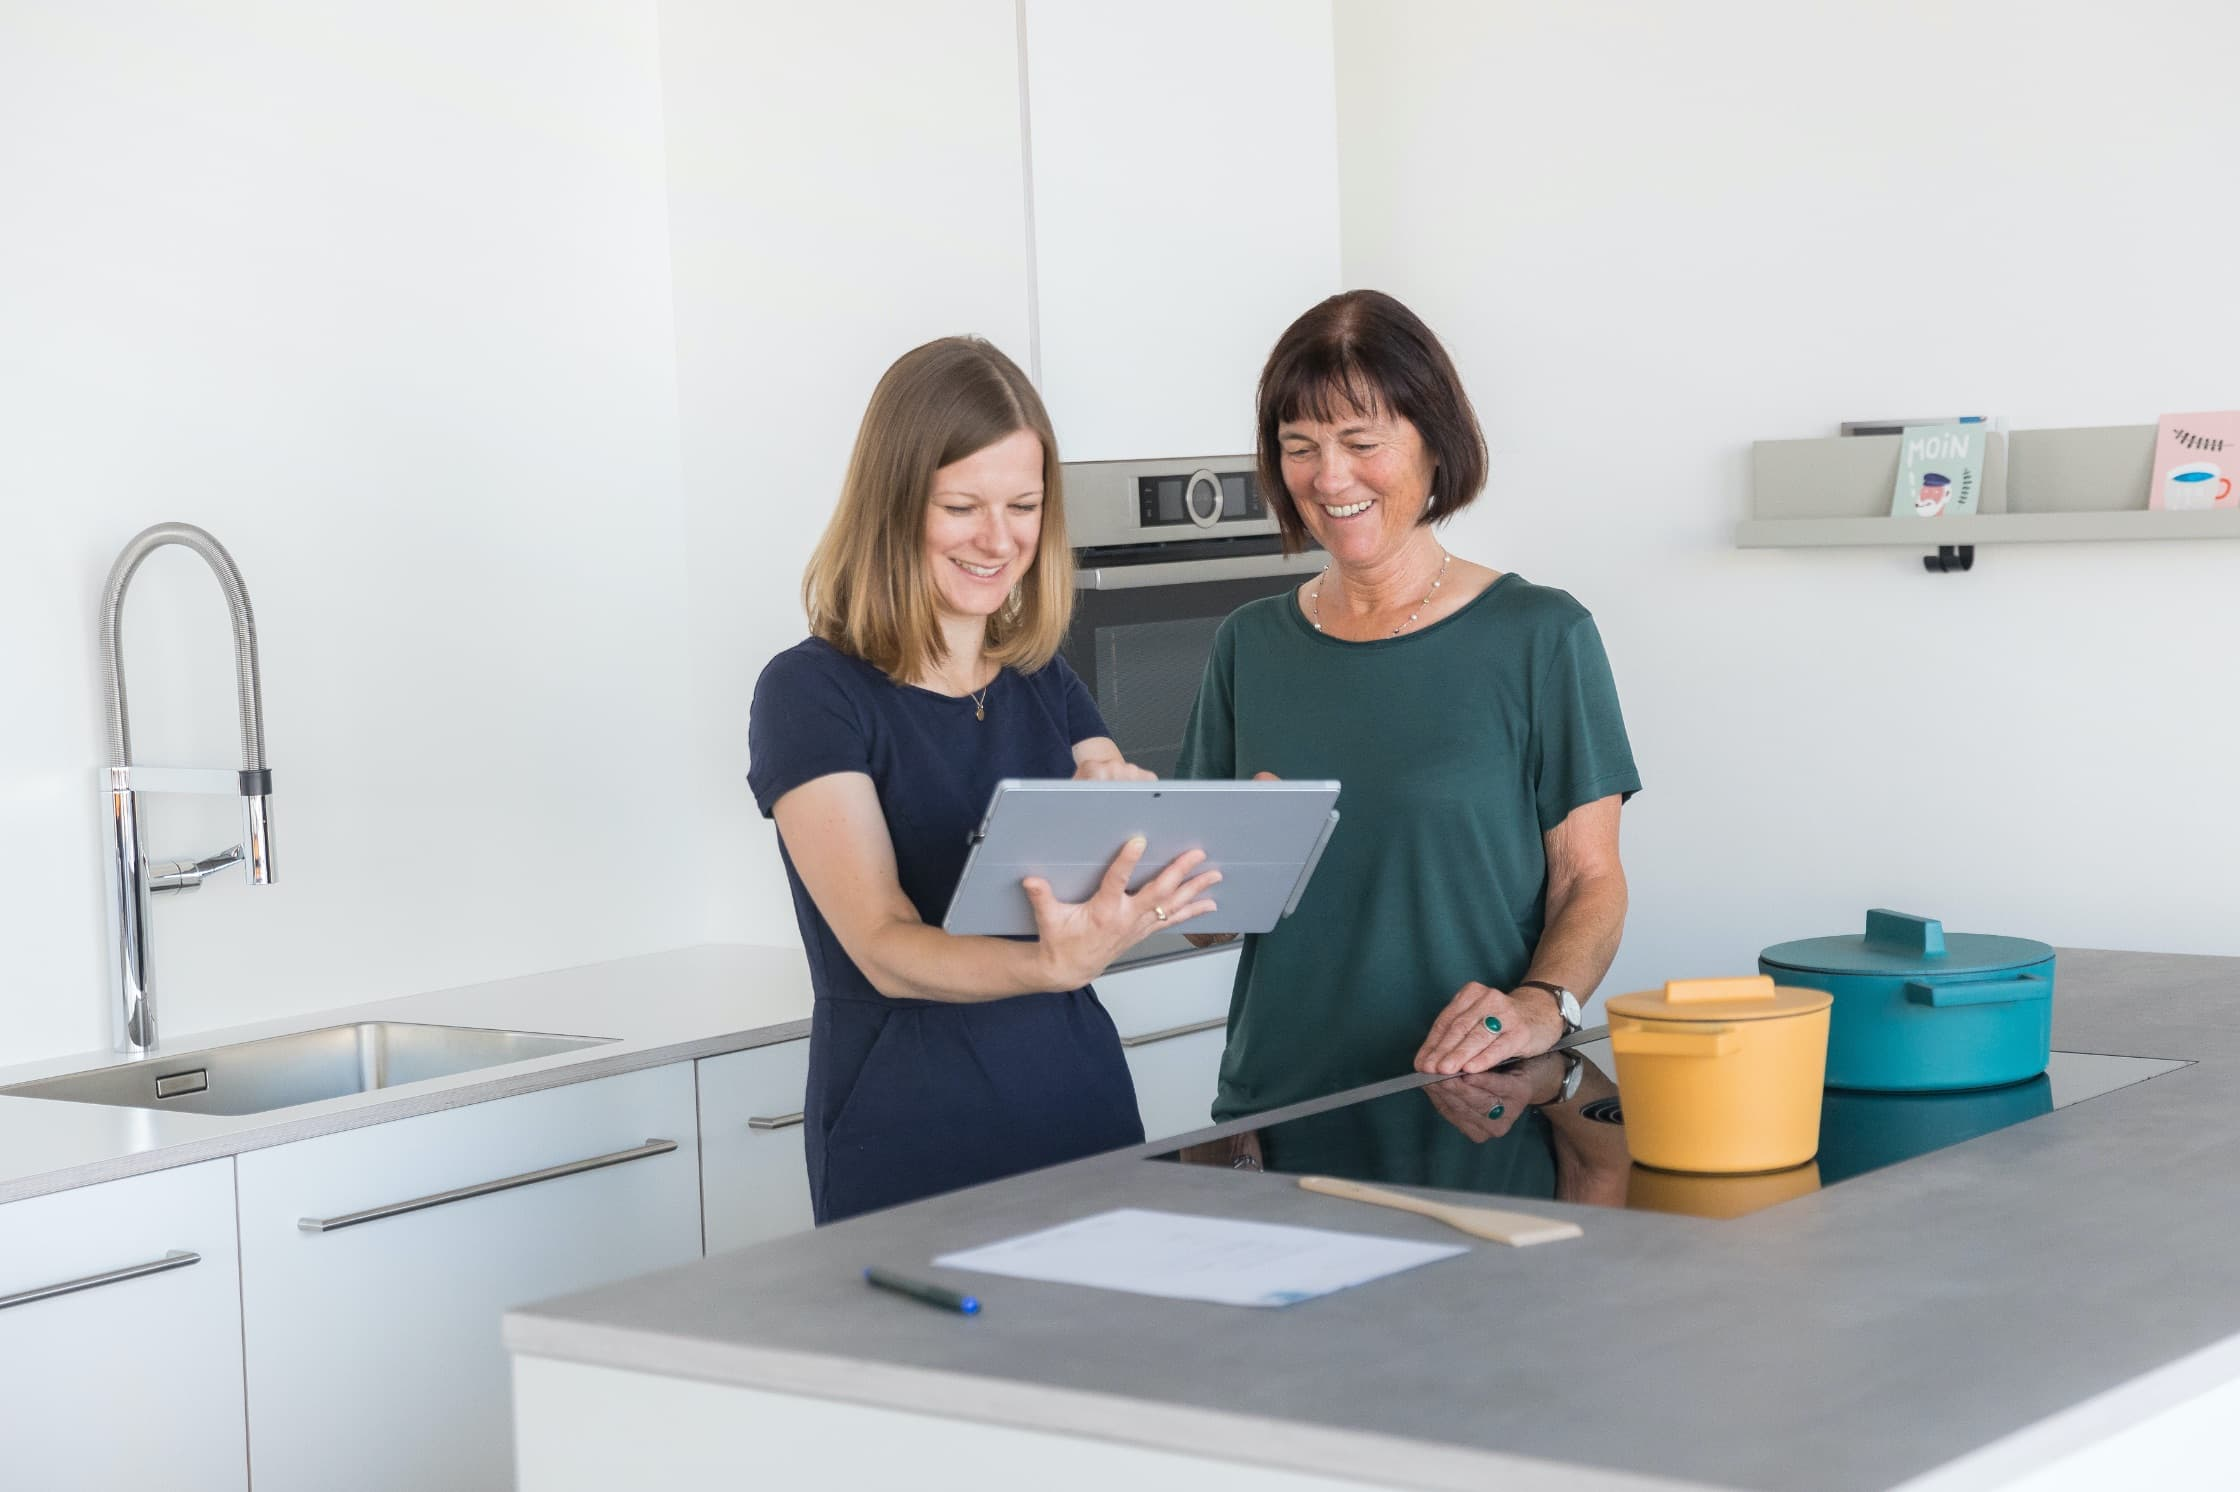 Beratung mit System im Küchenstudio für Öhringen – NR Küchen